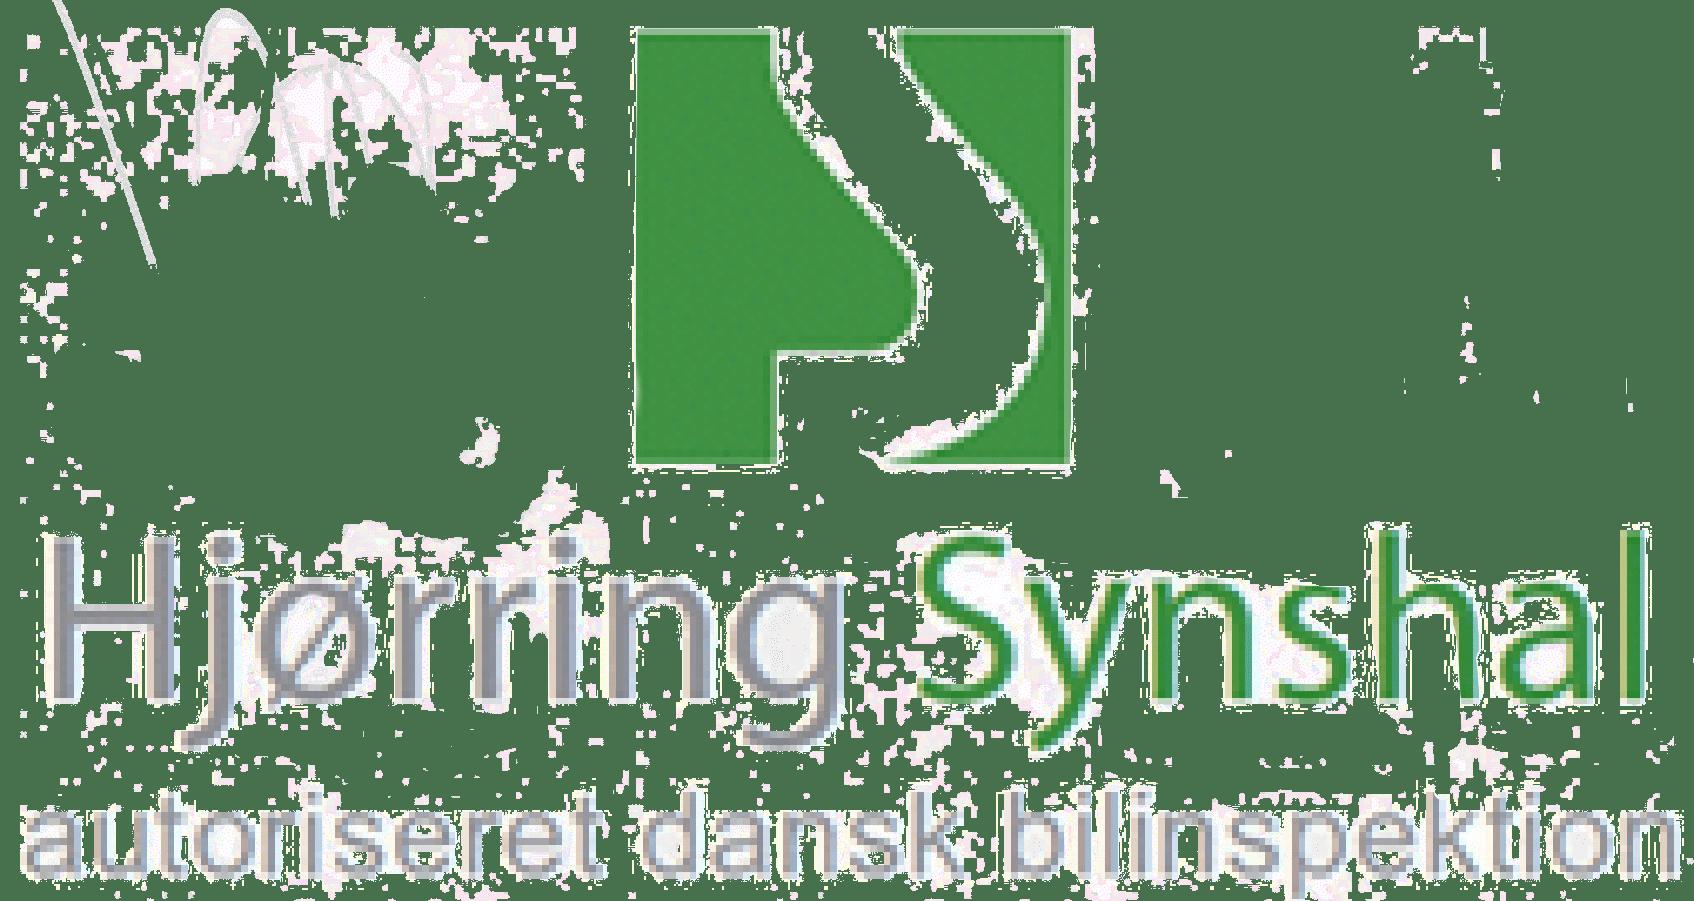 Hjørring Synshal